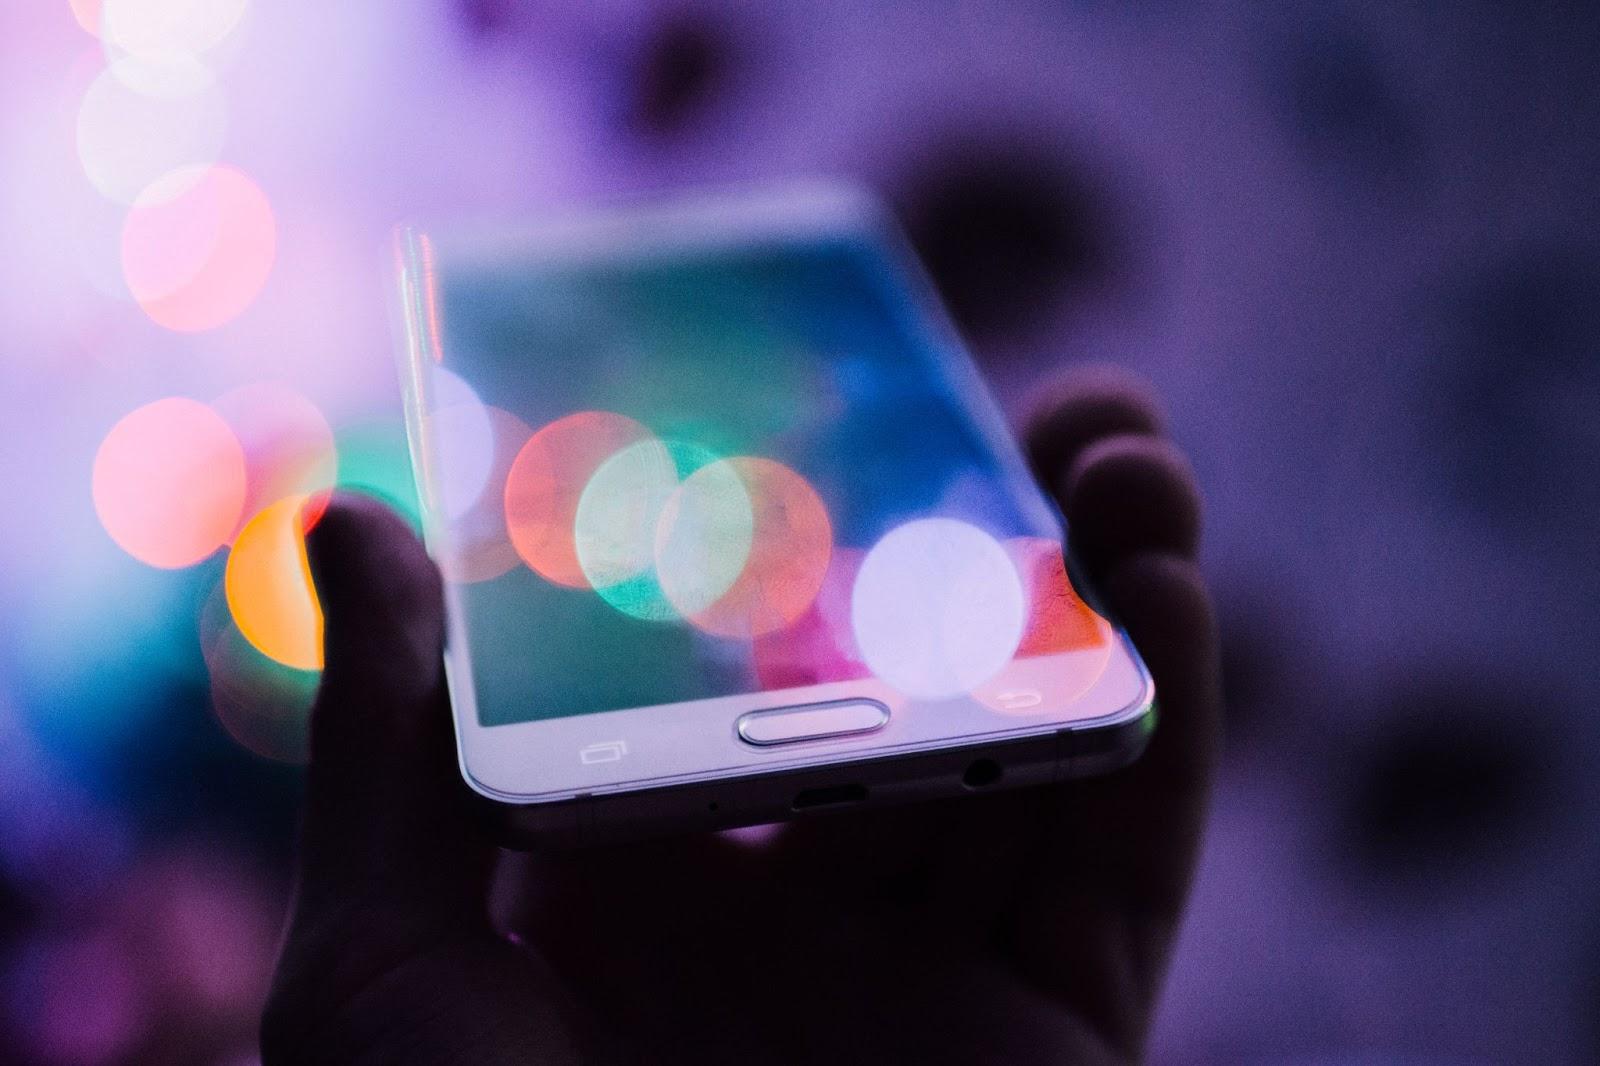 Una imagen de un teléfono inteligente que se sostiene.